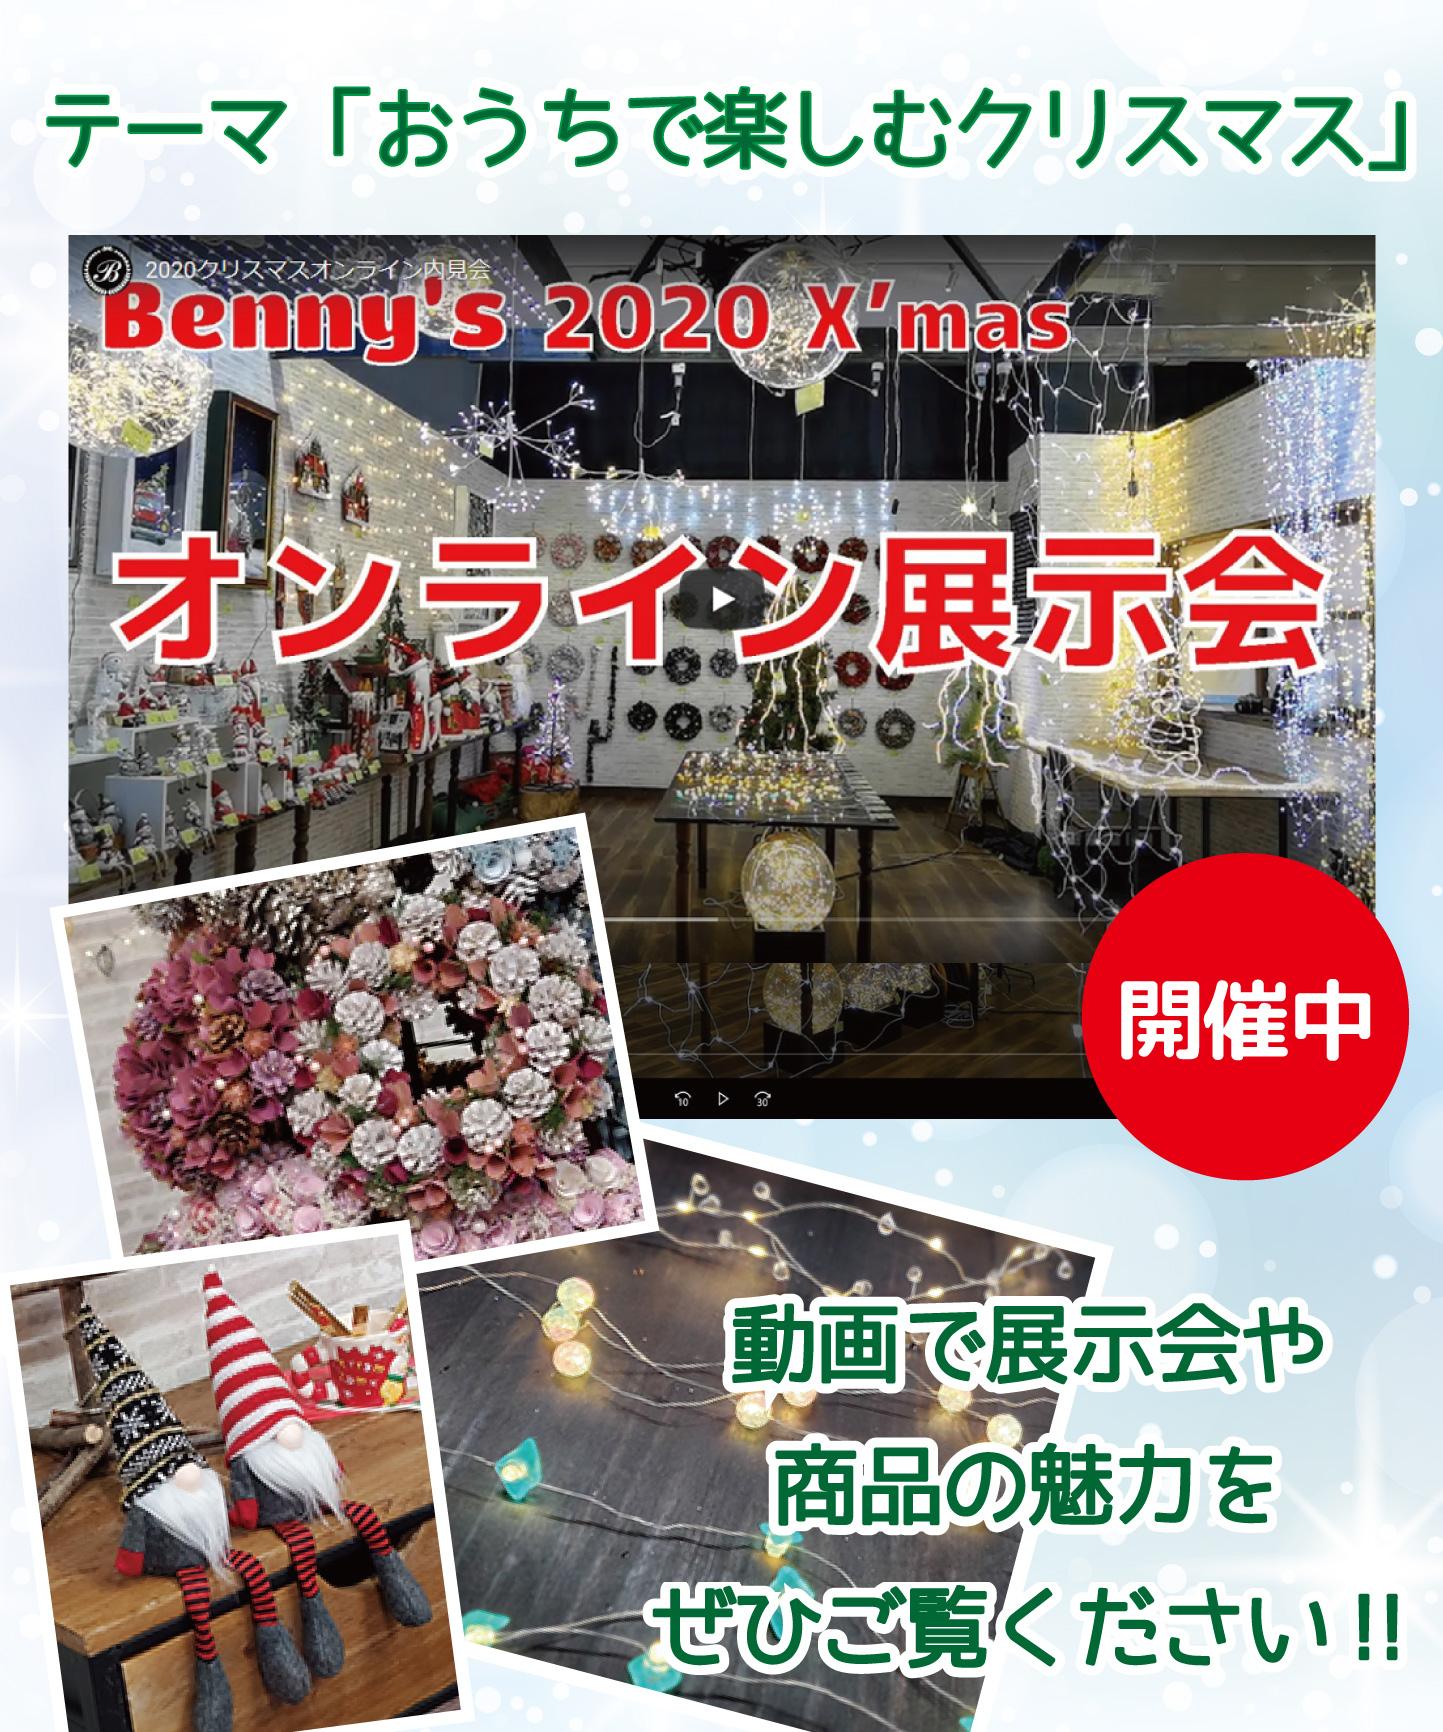 020クリスマス オンライン展示会 開催中